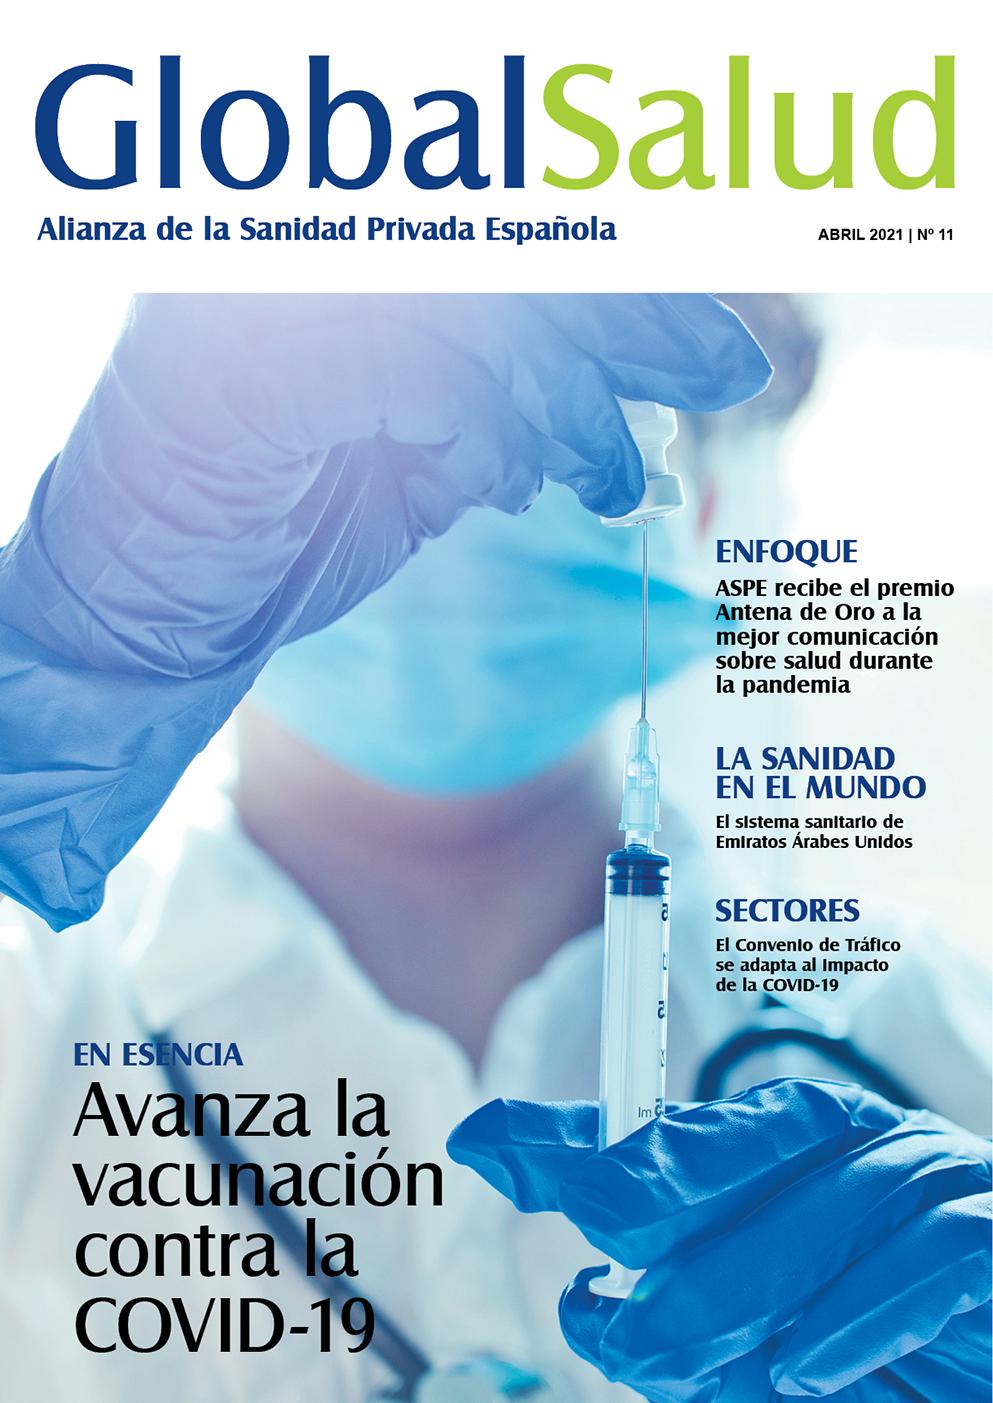 Los pormenores del proceso de vacunación contra la COVID-19 en el nuevo número de la Revista Global Salud